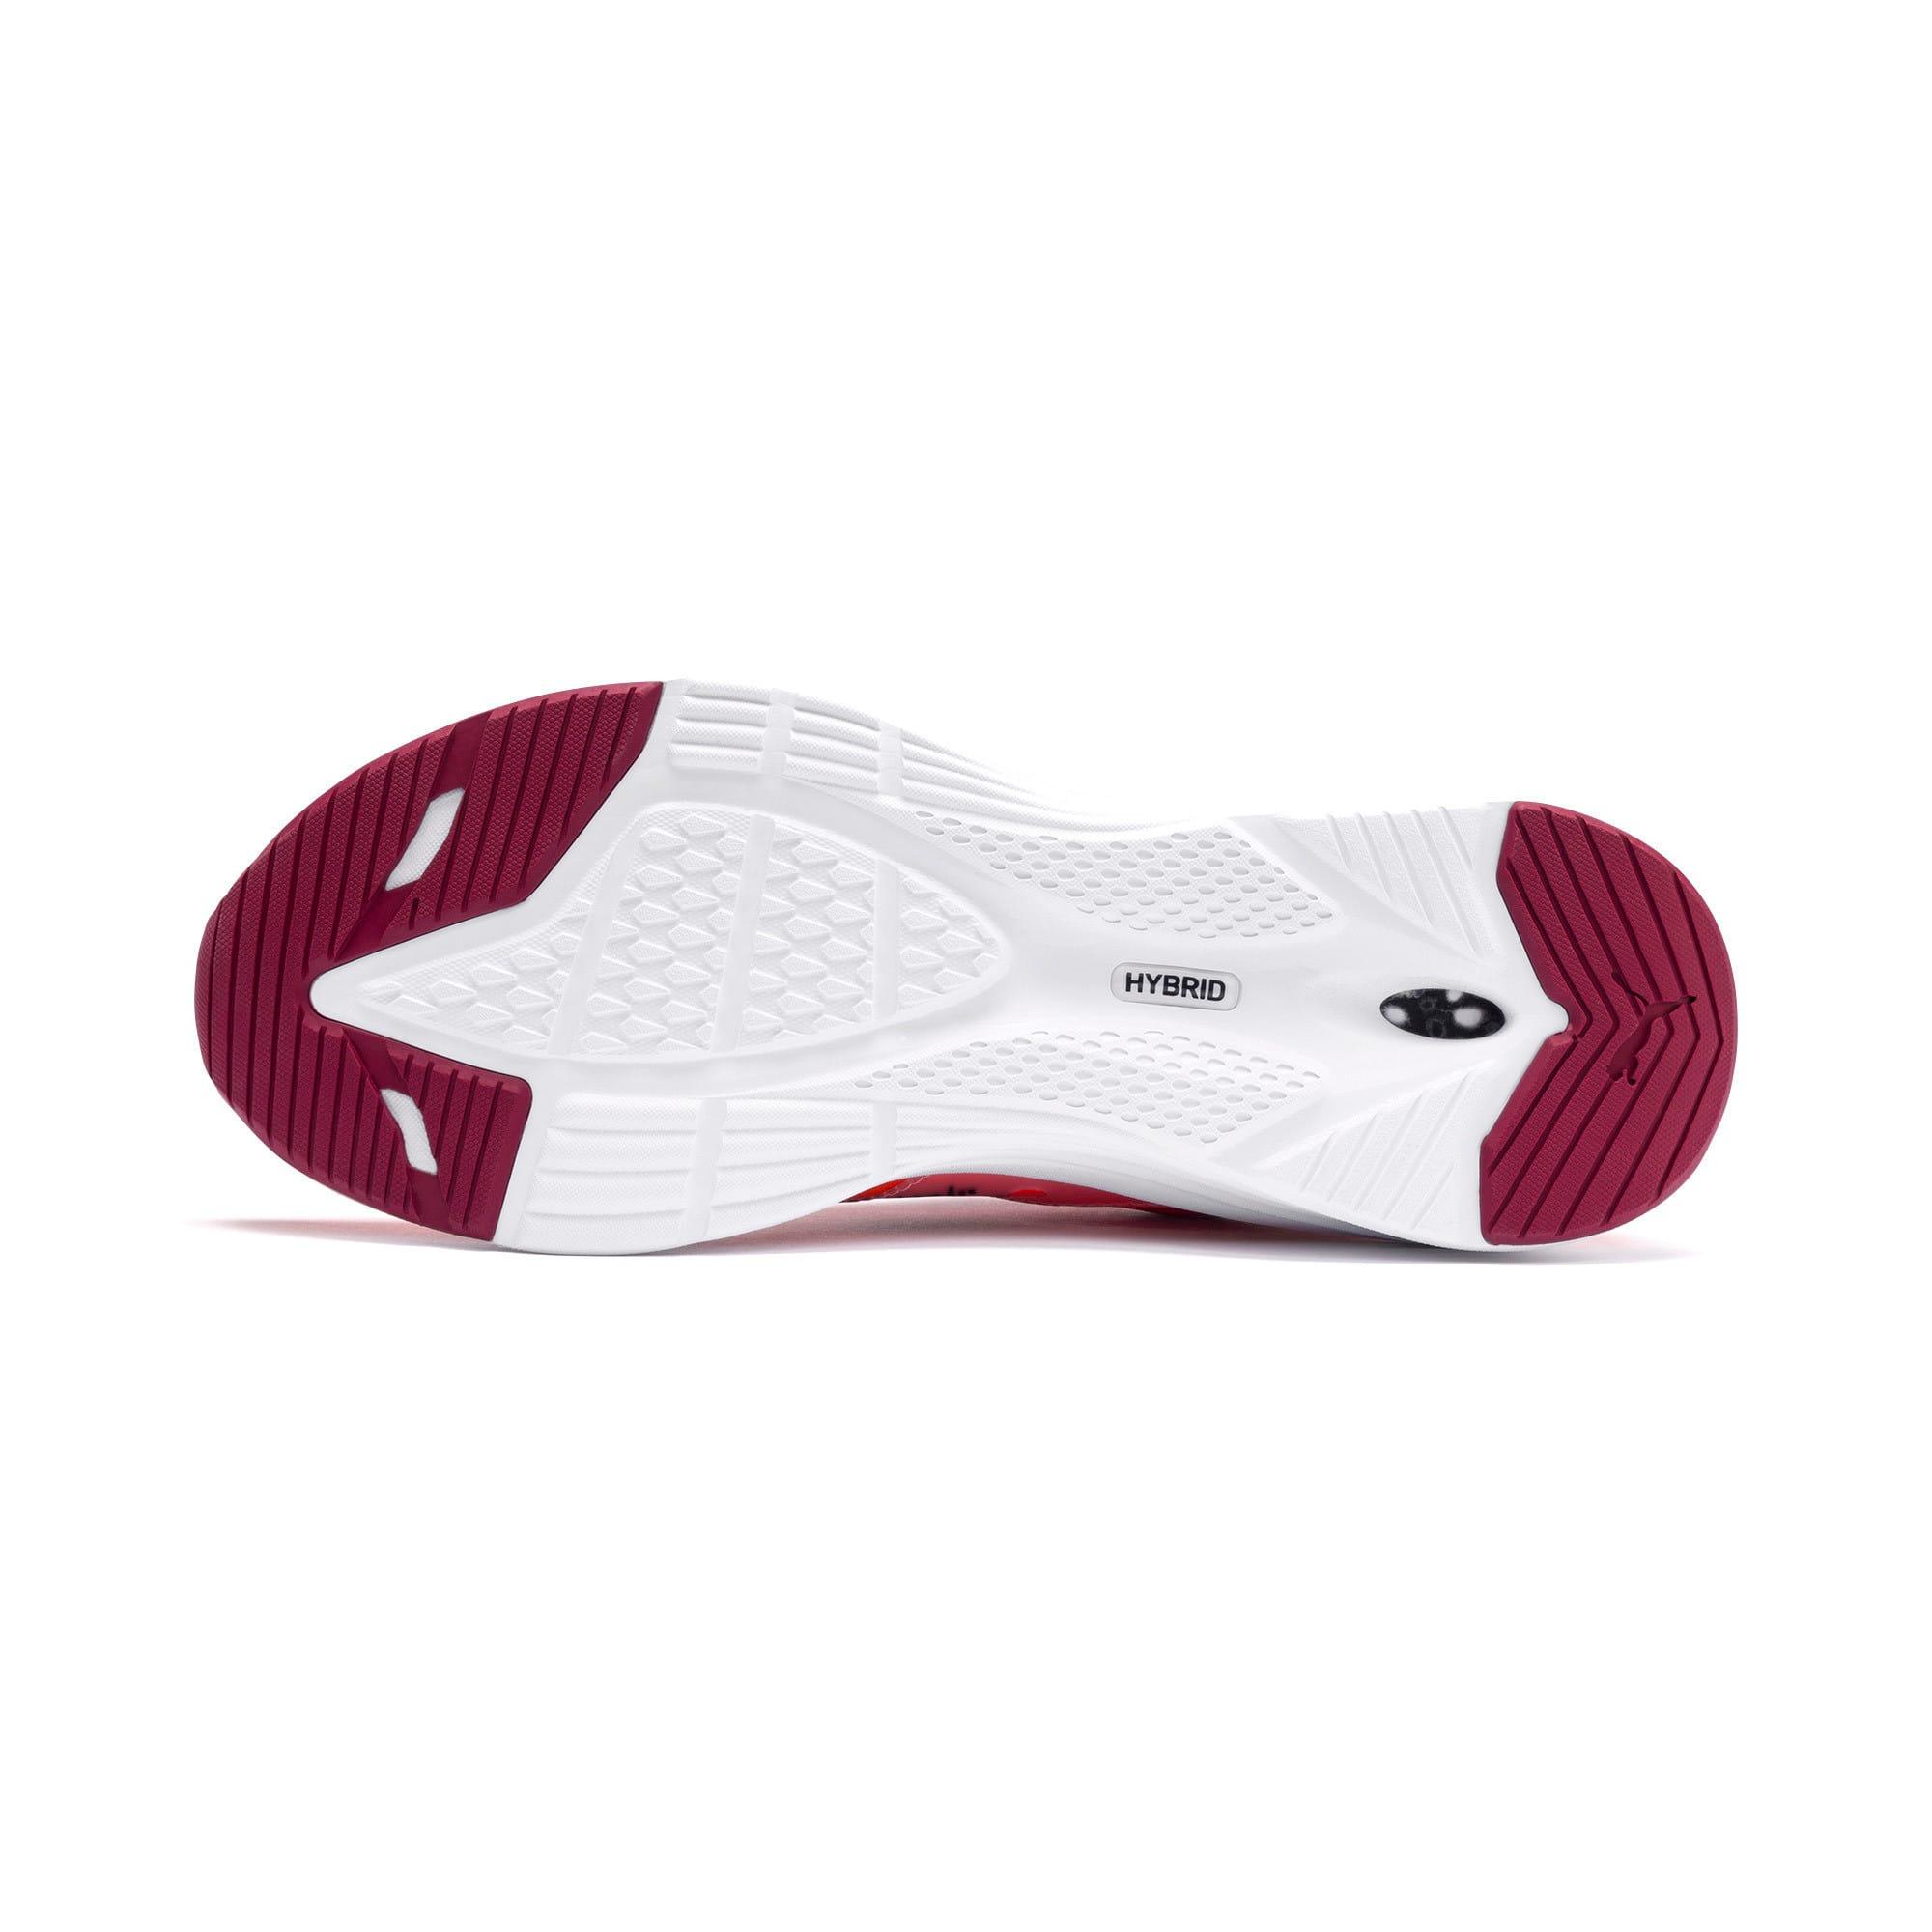 Miniatura 4 de Zapatos para correr HYBRID Fuego para hombre, Nrgy Red-Rhubarb, mediano